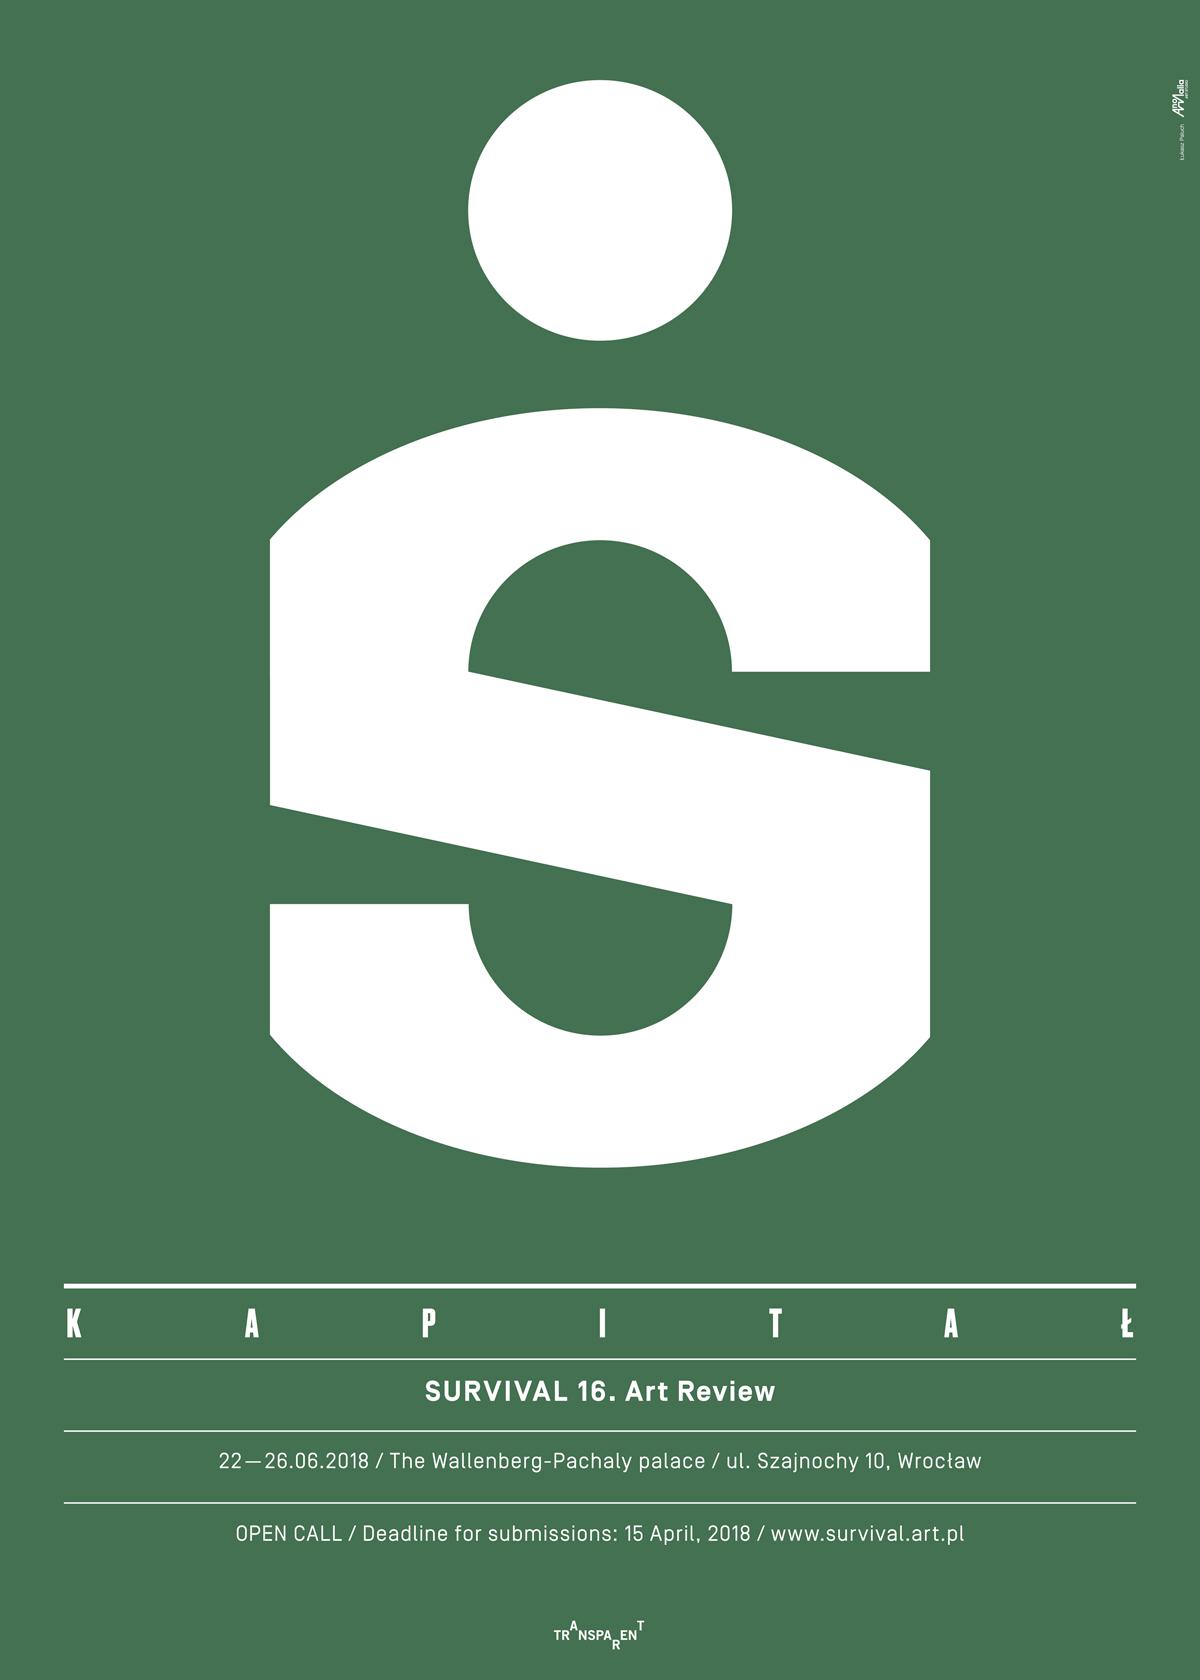 Plakat konkursu 16. Przeglądu Sztuki SURVIVAL (źródło: materiały prasowe organizatora)